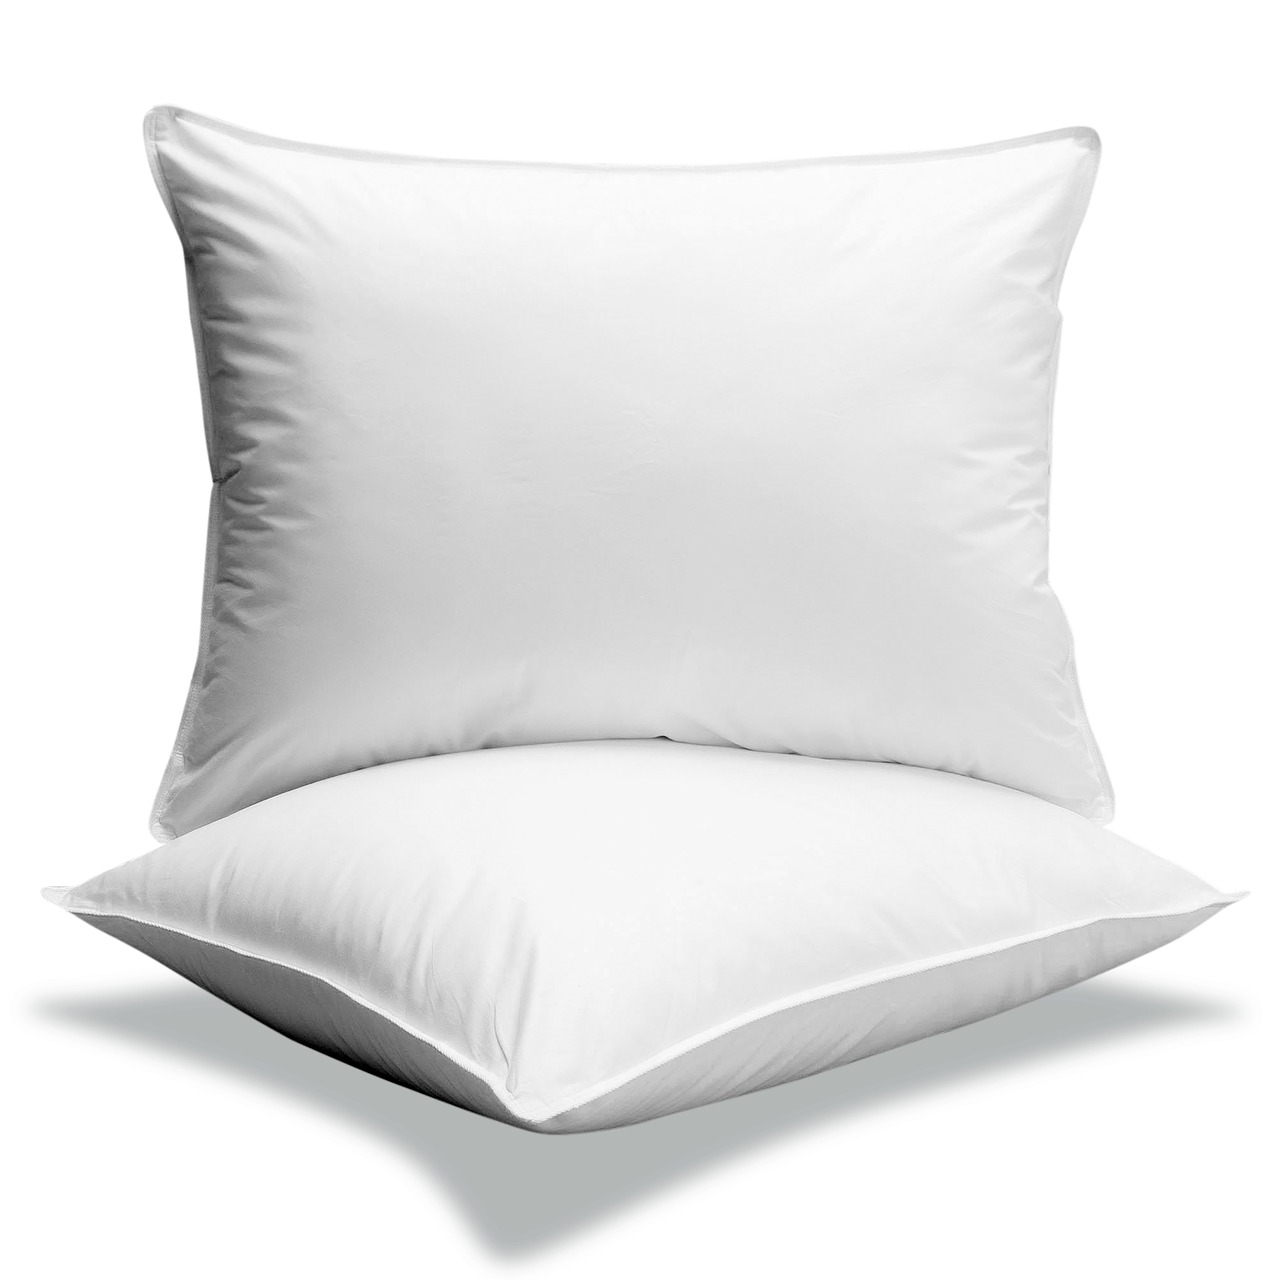 枕の臭いに効果的な対策は?枕の消臭方法とニオイ防止策